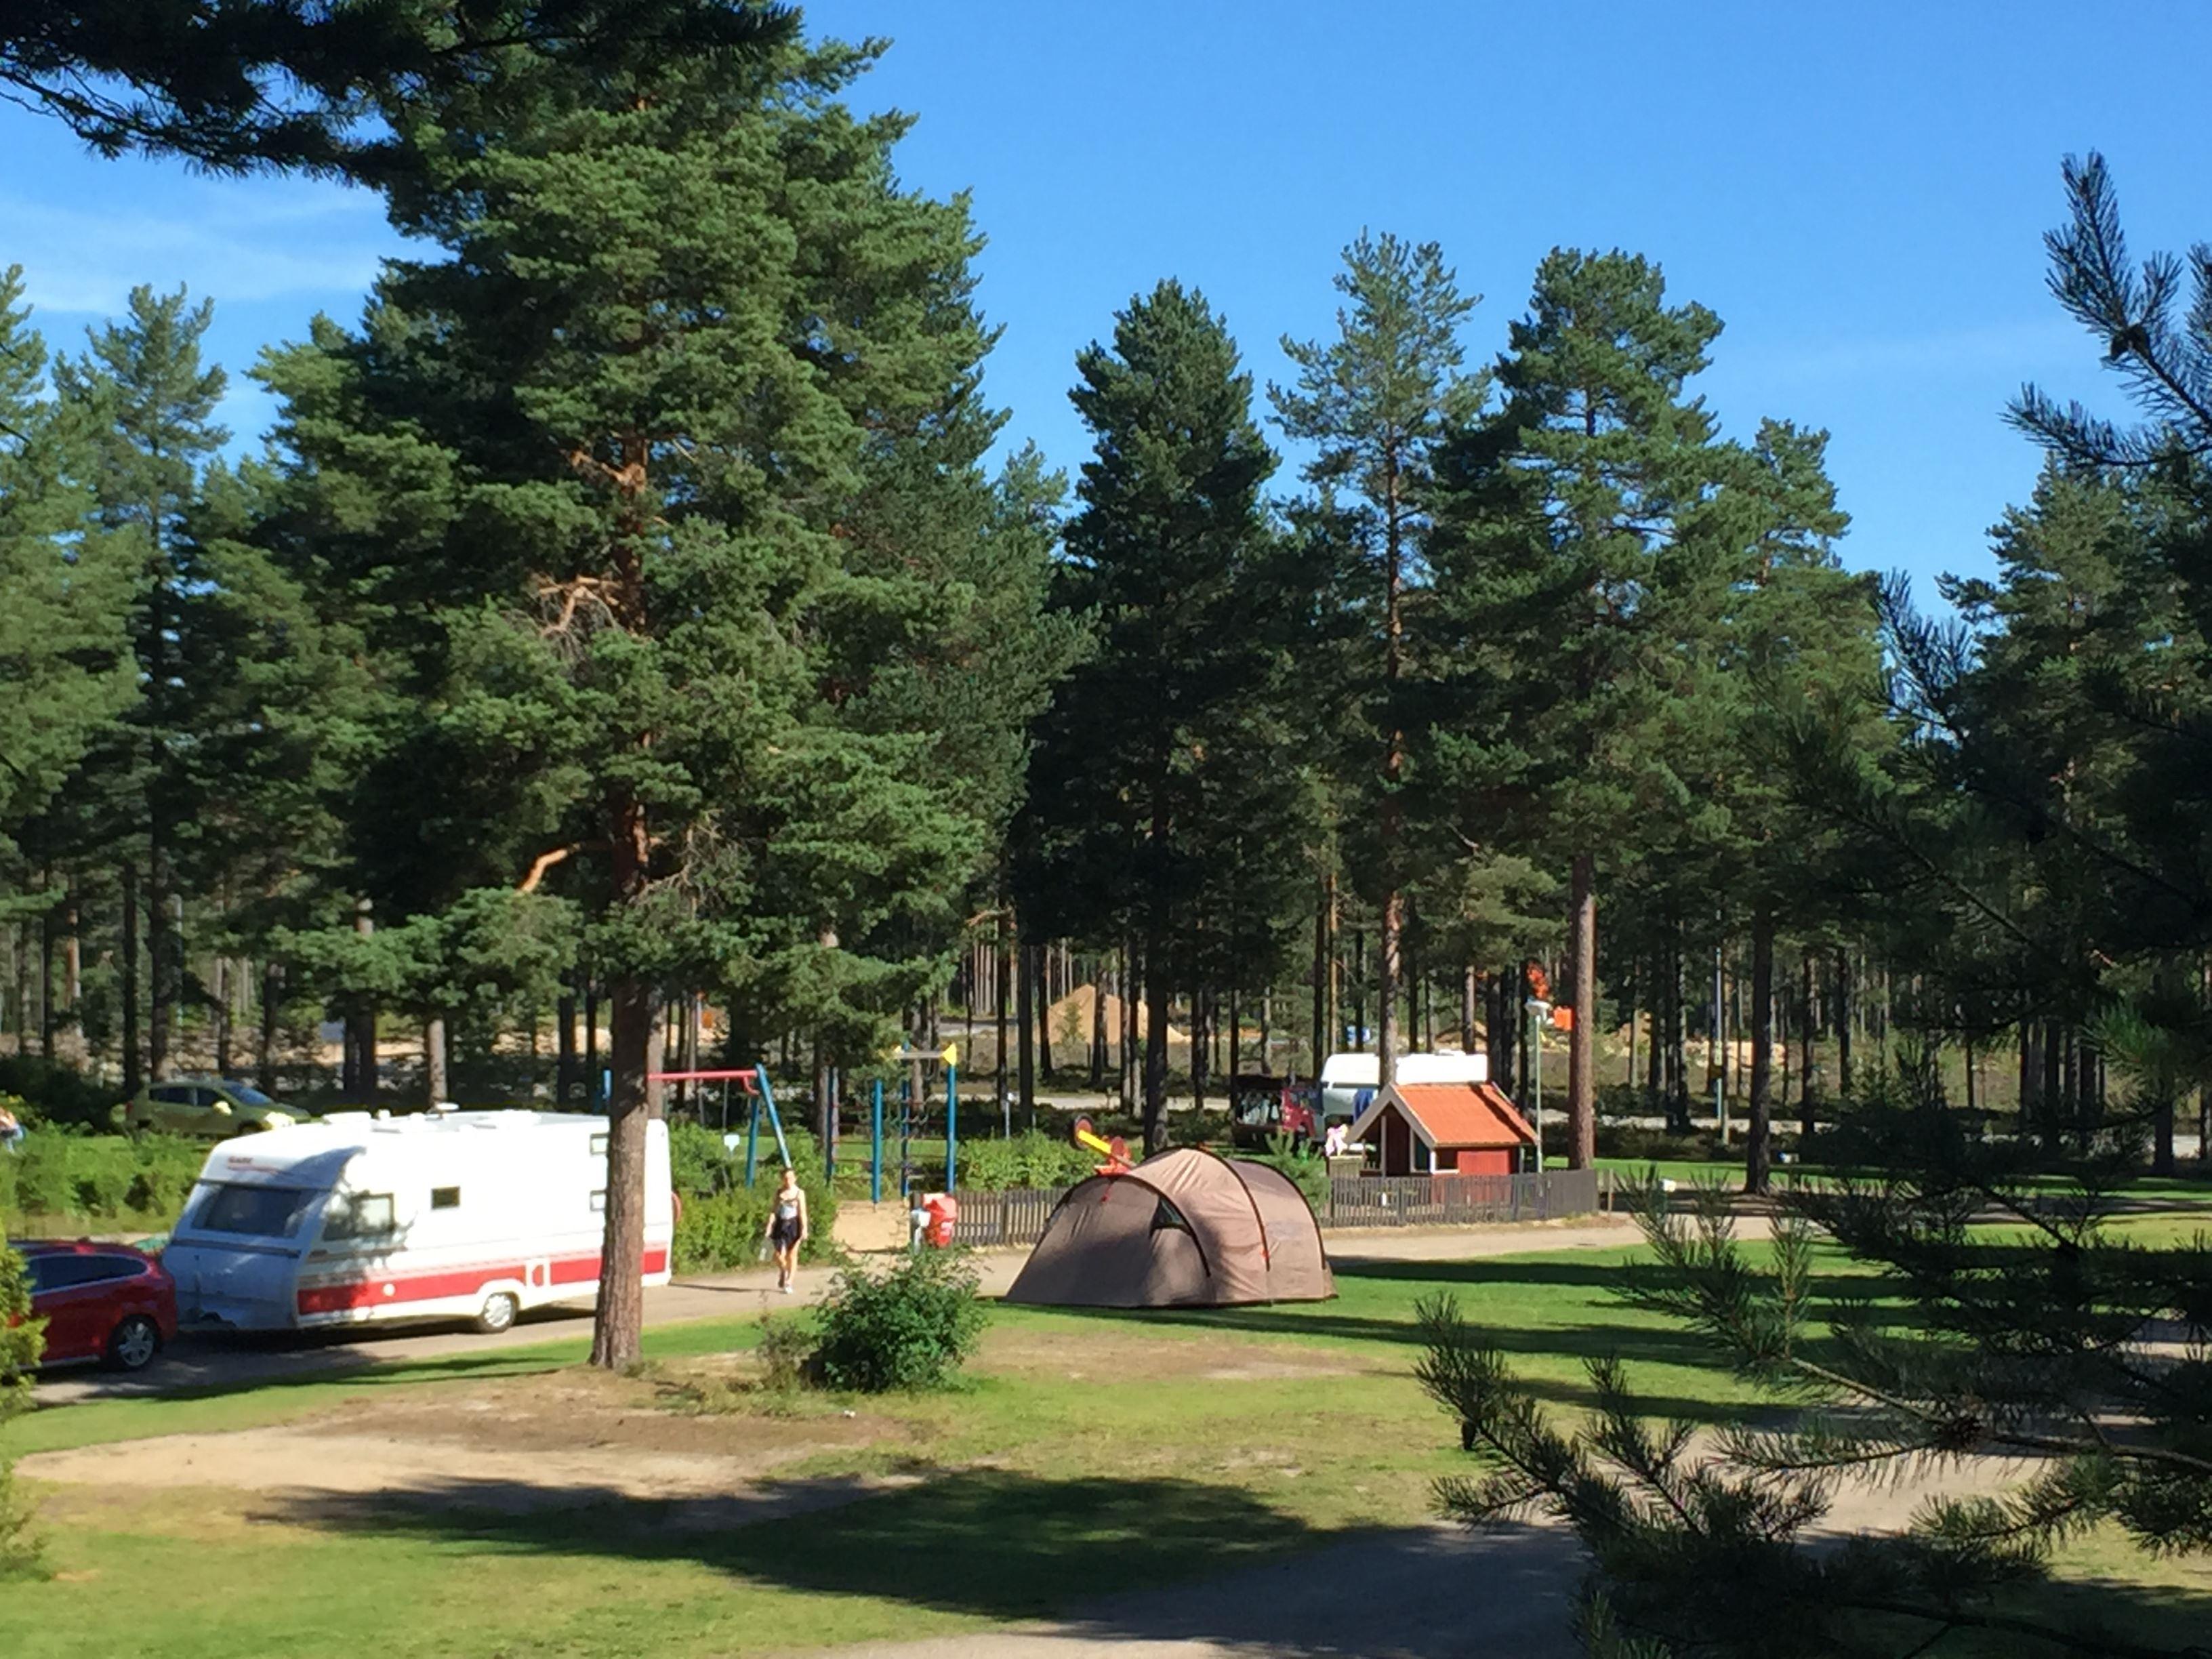 Malnbadens Camping / Camping